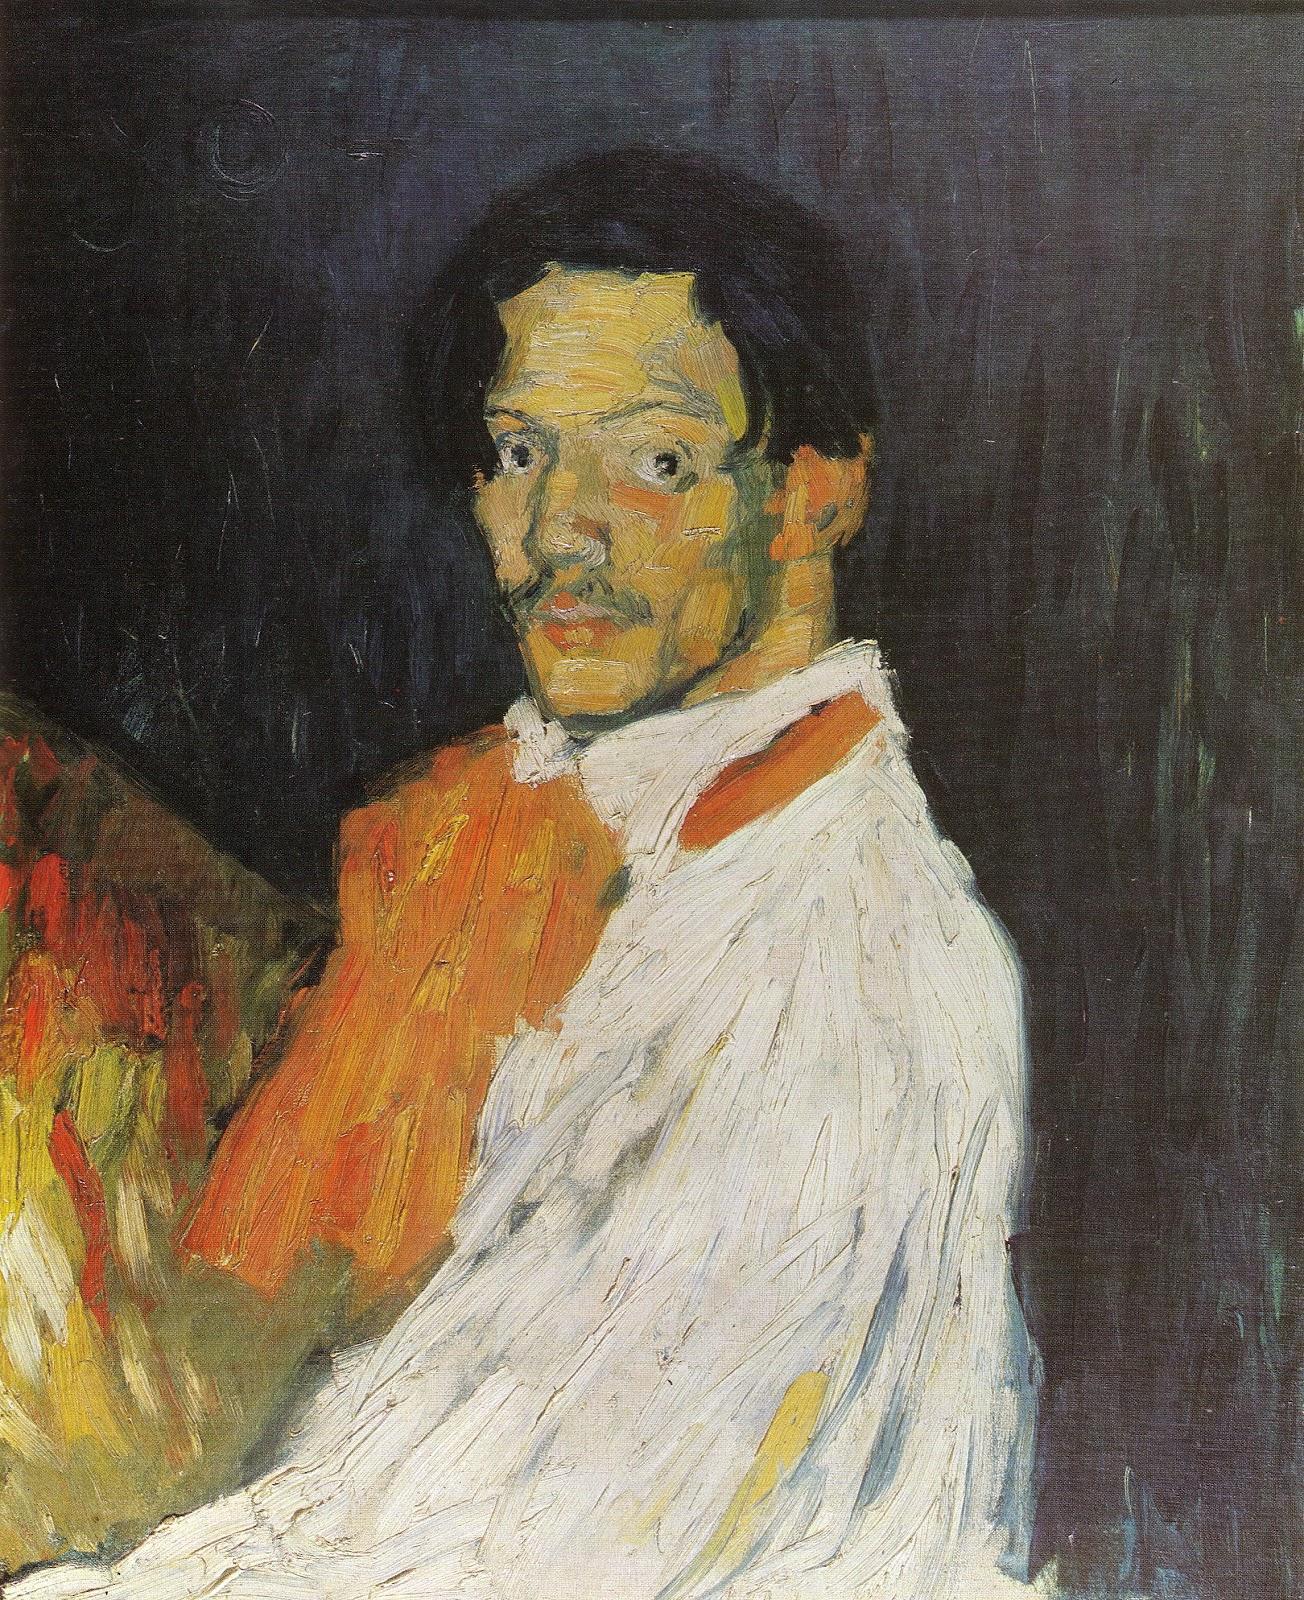 Picasso Portrait Self Portrait 39 yo Picasso 39